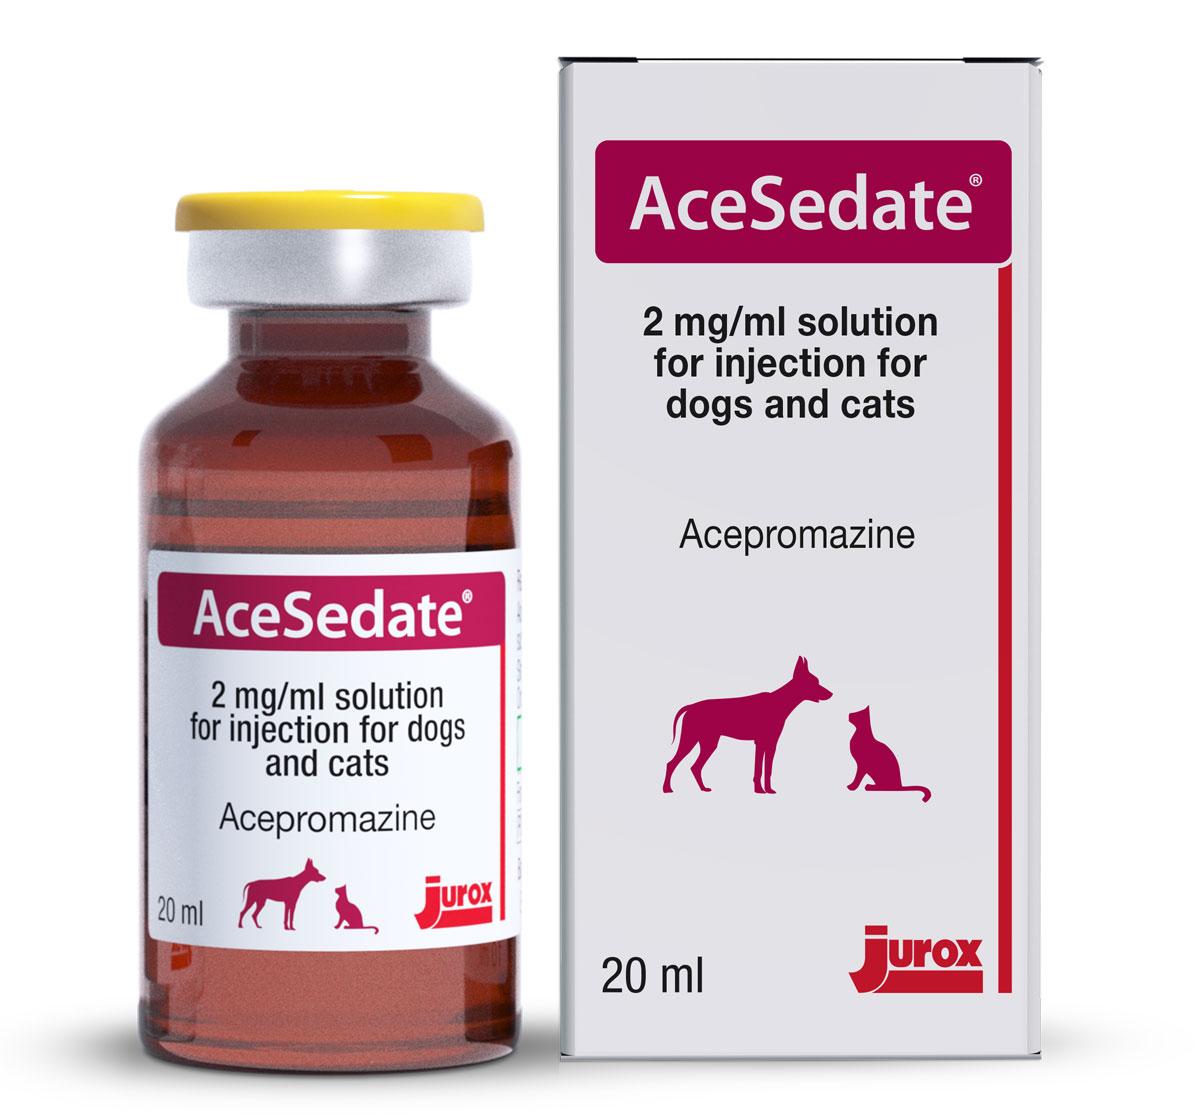 AceSedate